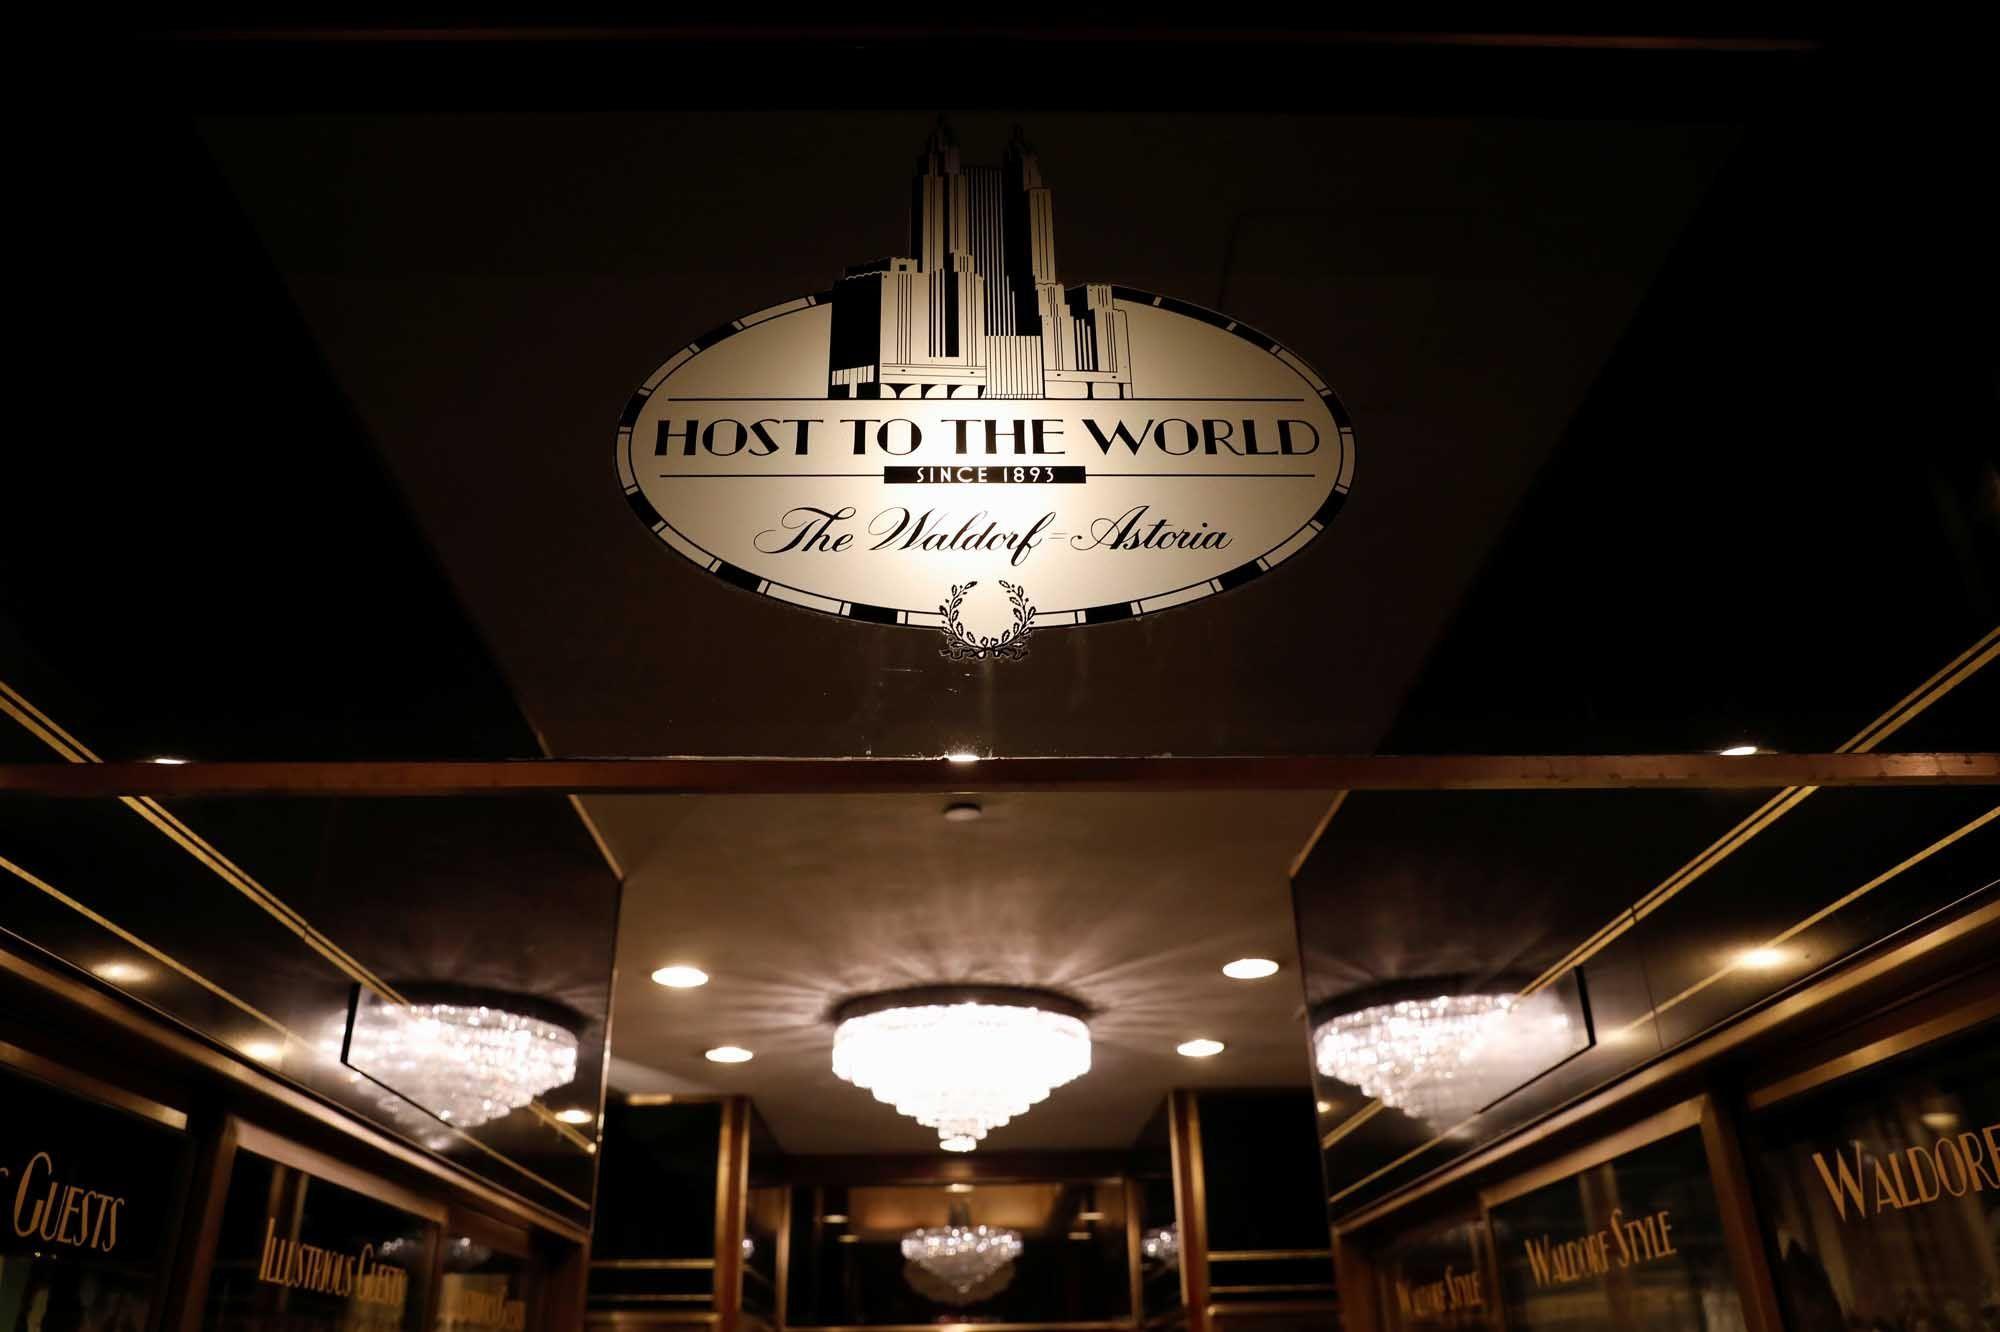 Rencontres Astoria NY